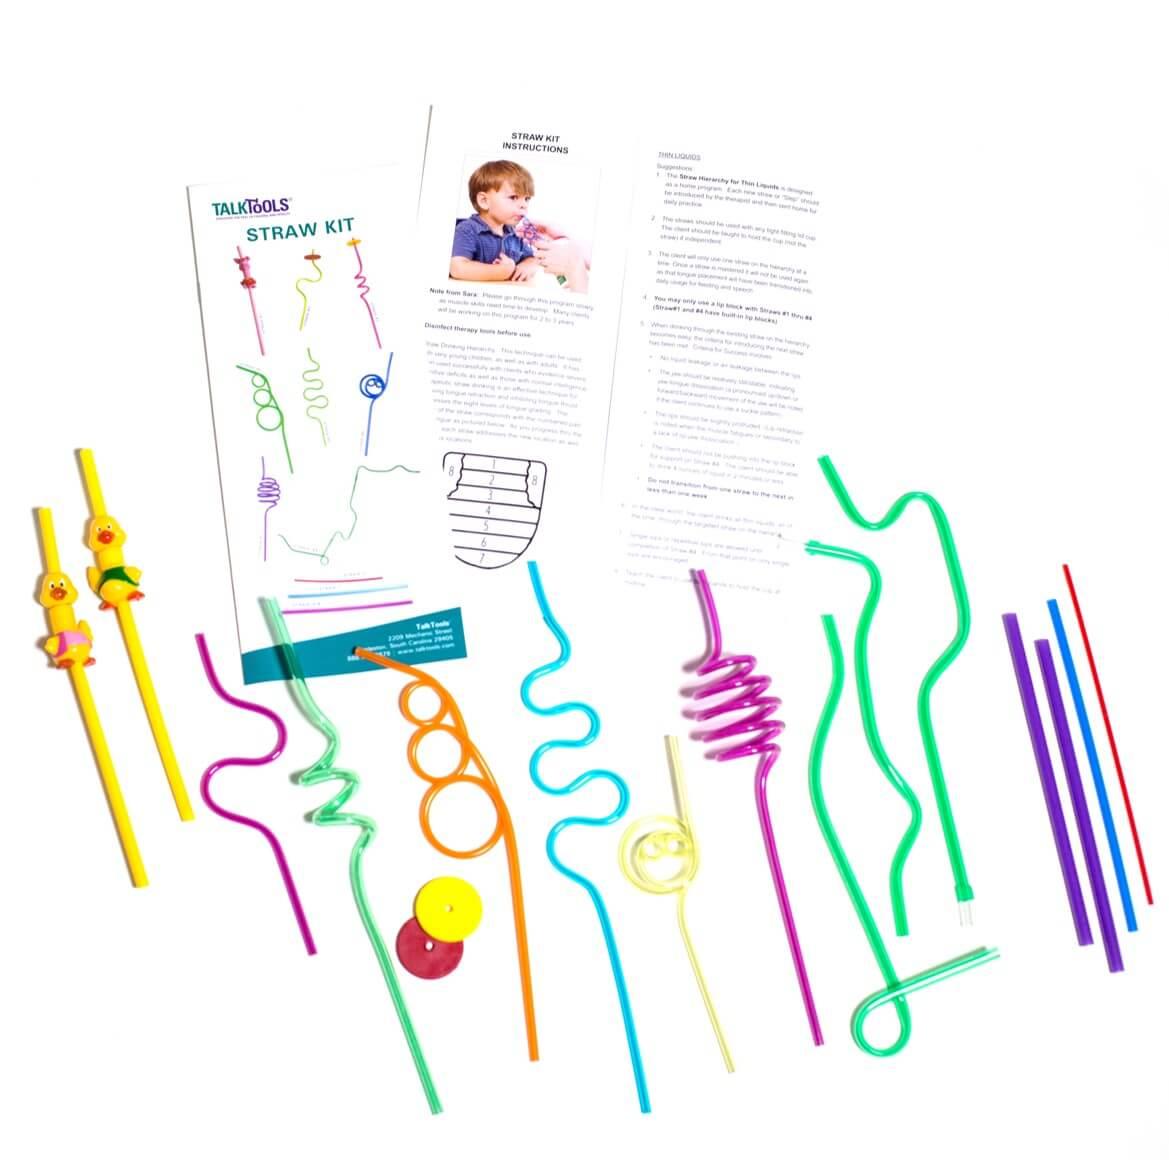 Straw Kit by Talk Tools